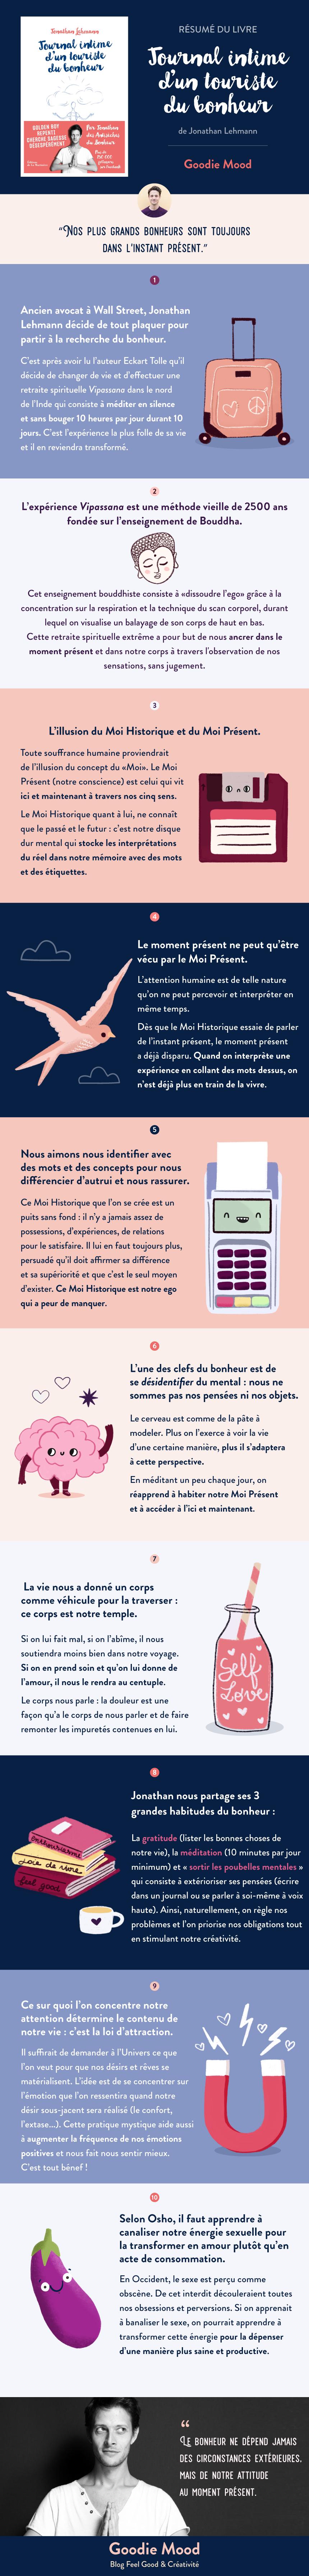 """Résumé du livre """"Journal intime d'un touriste du bonheur"""" de Jonathan Lehmann en infographie goodie mood"""